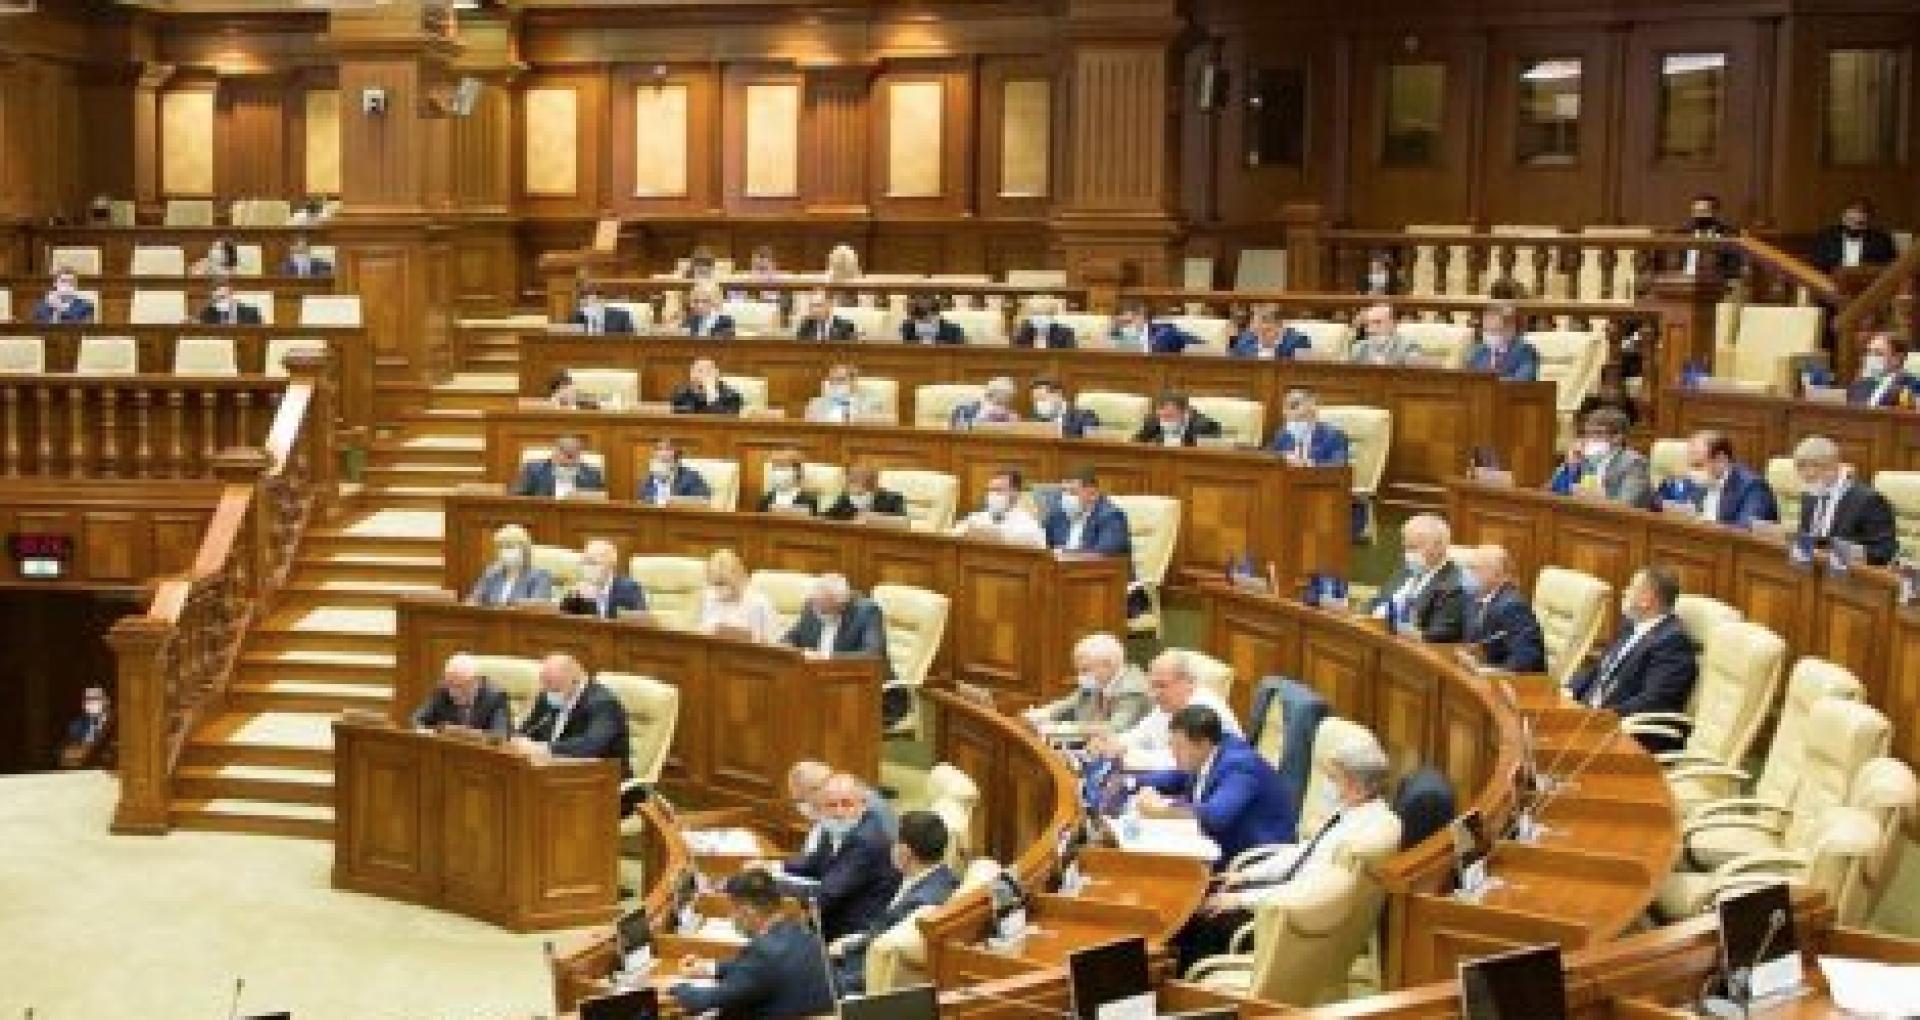 Transfugii din Pentru Moldova, PSRM, ȘOR și trei independenți fac majoritate parlamentară pentru susținerea candidatei înaintată de PSRM la funcția de premier